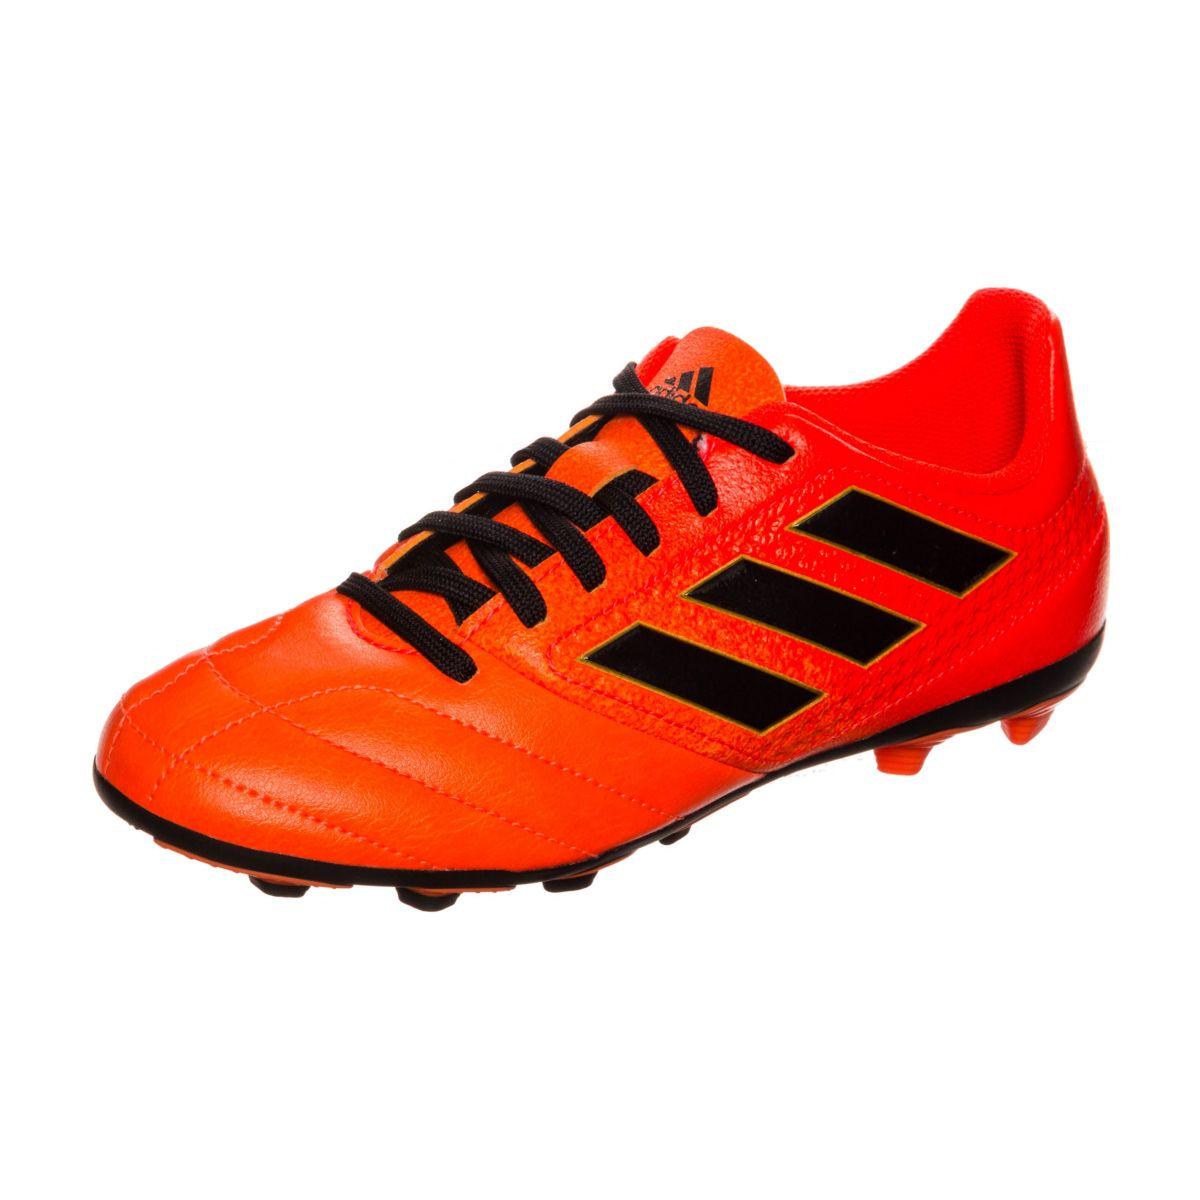 Adidas Ace 16+ Purecontrol Firm Ground Weiß Schwarz Silber Metallisch Orange Fussballschuhe Einzigartig Designed